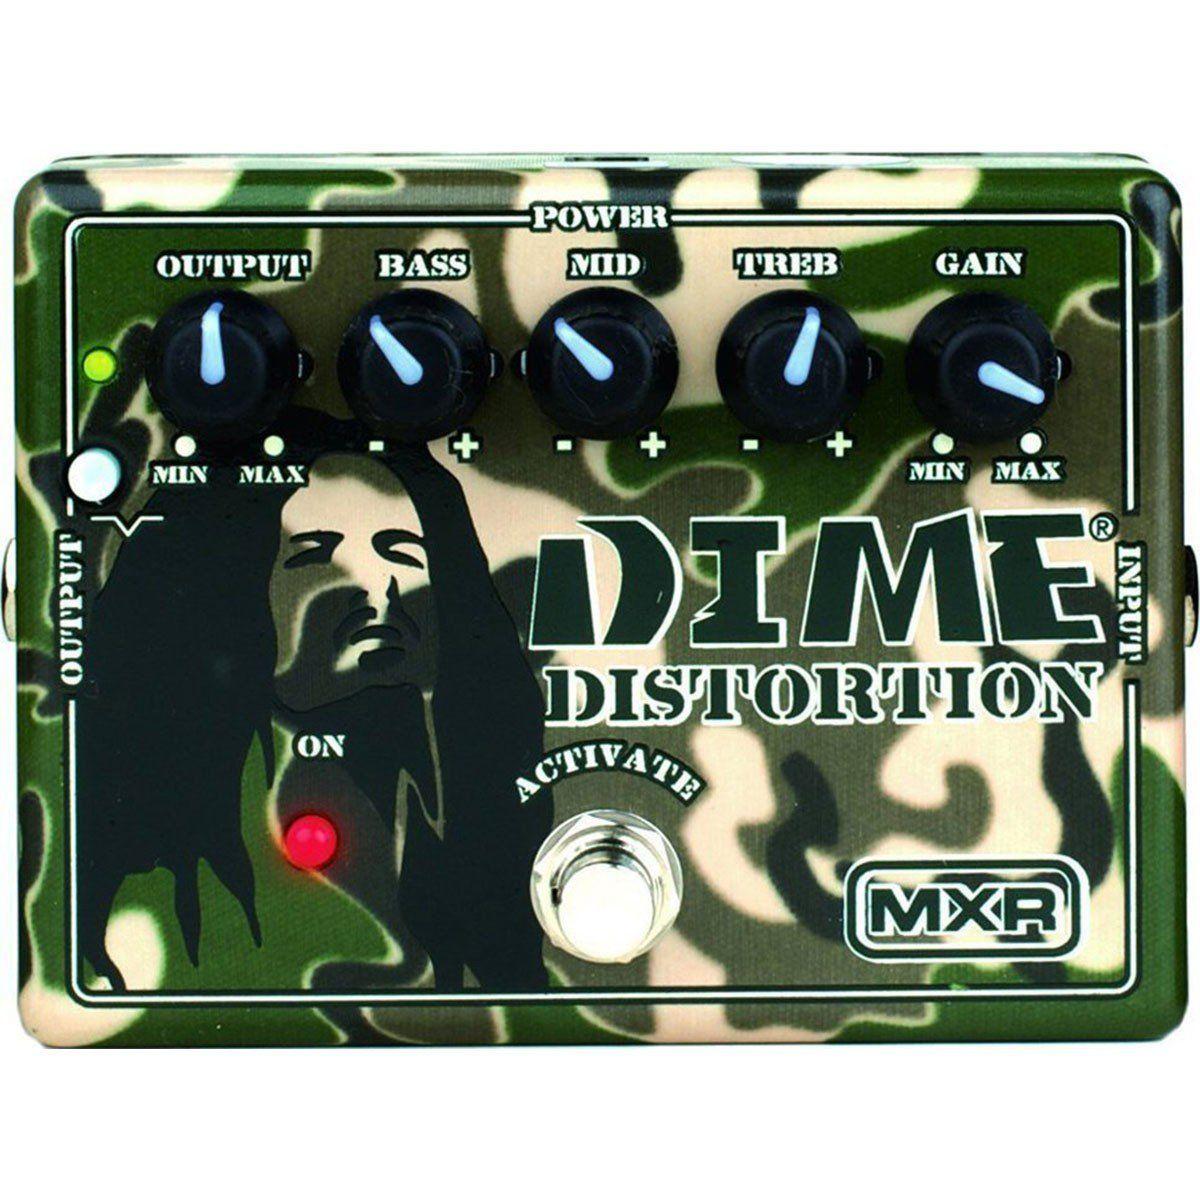 Mxr DD11 de Distorção Pedal com Equalizador de 3 Bandas